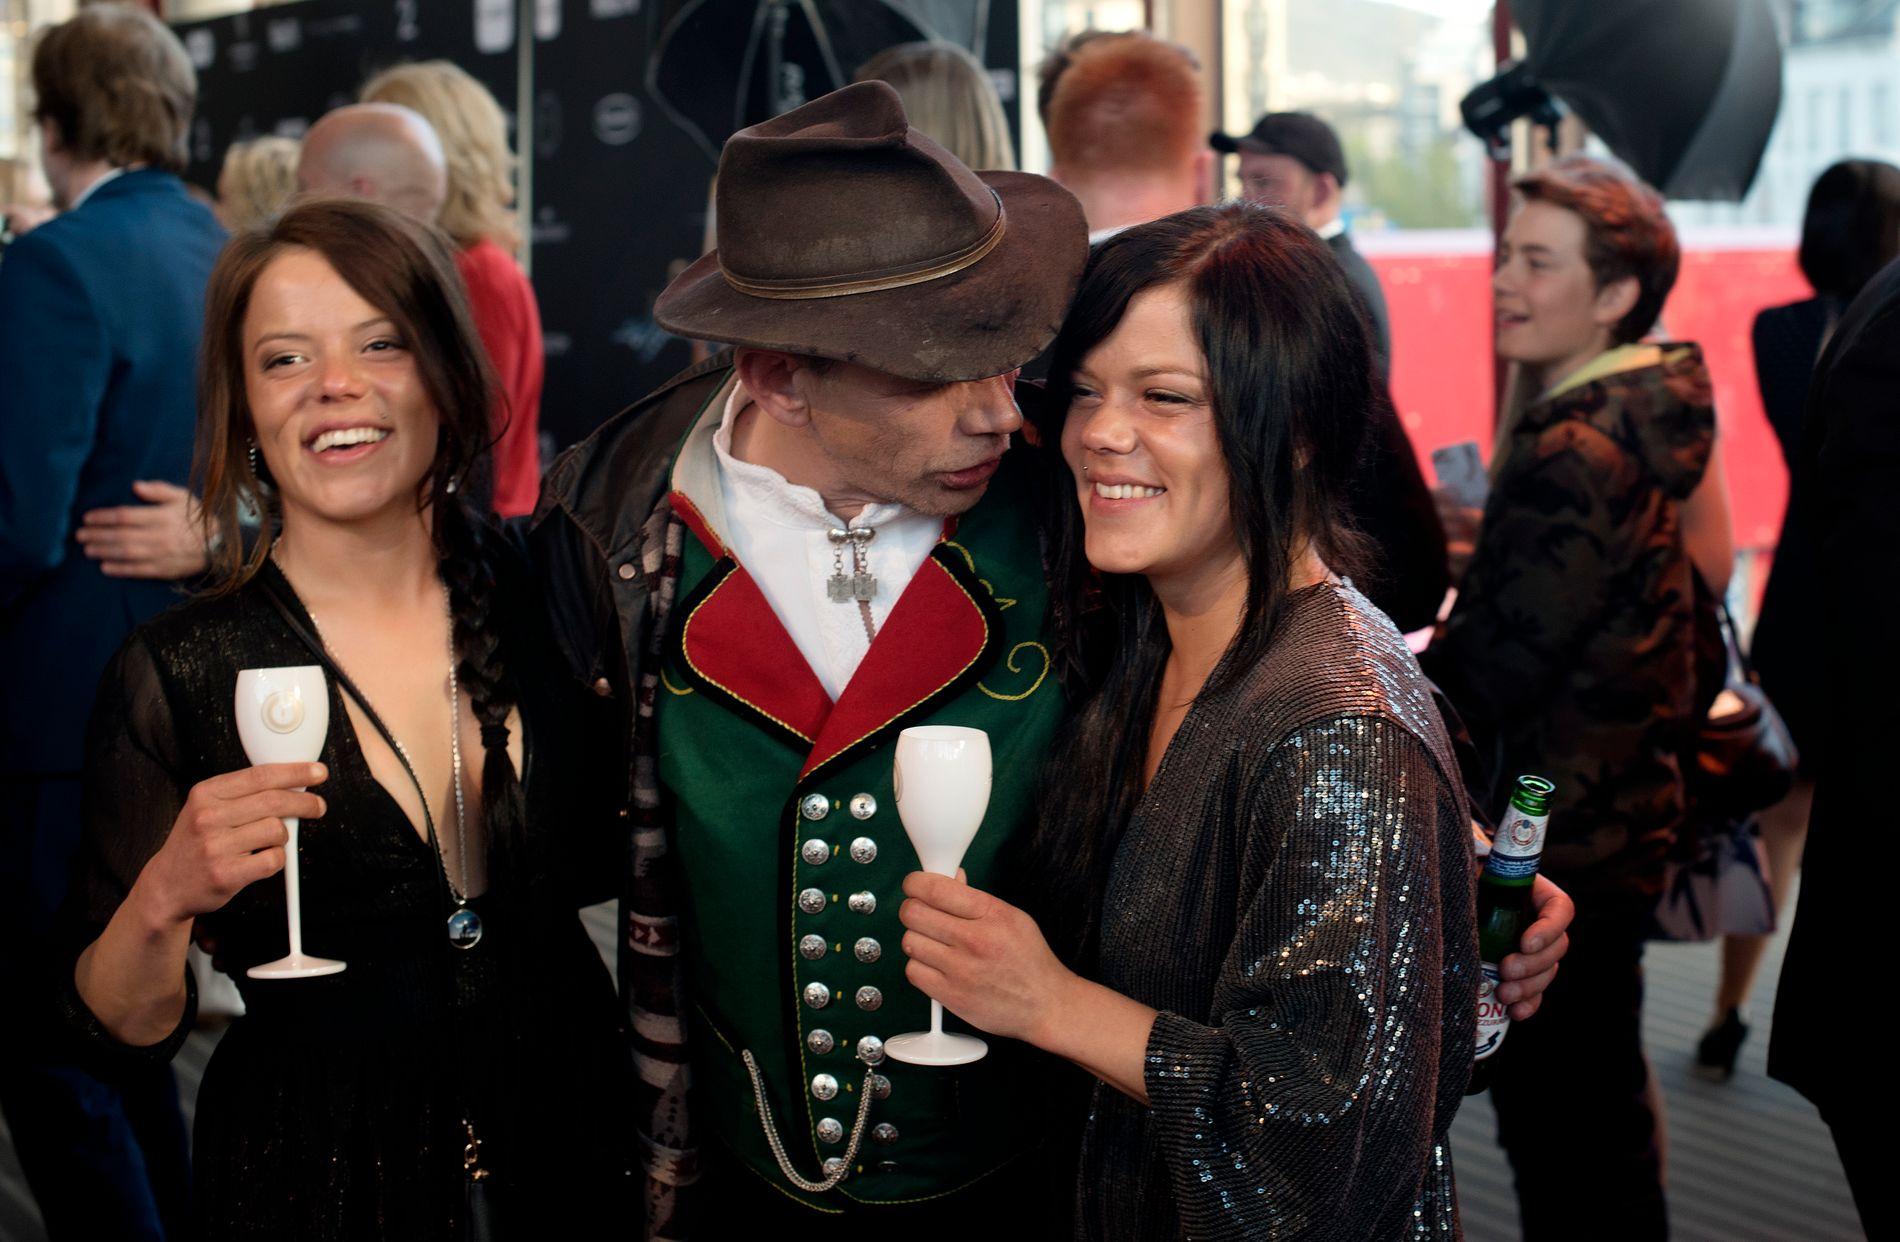 PRISVINNER: Leif Einar Lothe, bedre kjent som Lothepus var nominert til pris under Gullruten for dokusåpen «Fjorden Cowboys». Her sammen med «Jakttvillingene» Kristine og Johanne Thybo Hansen.